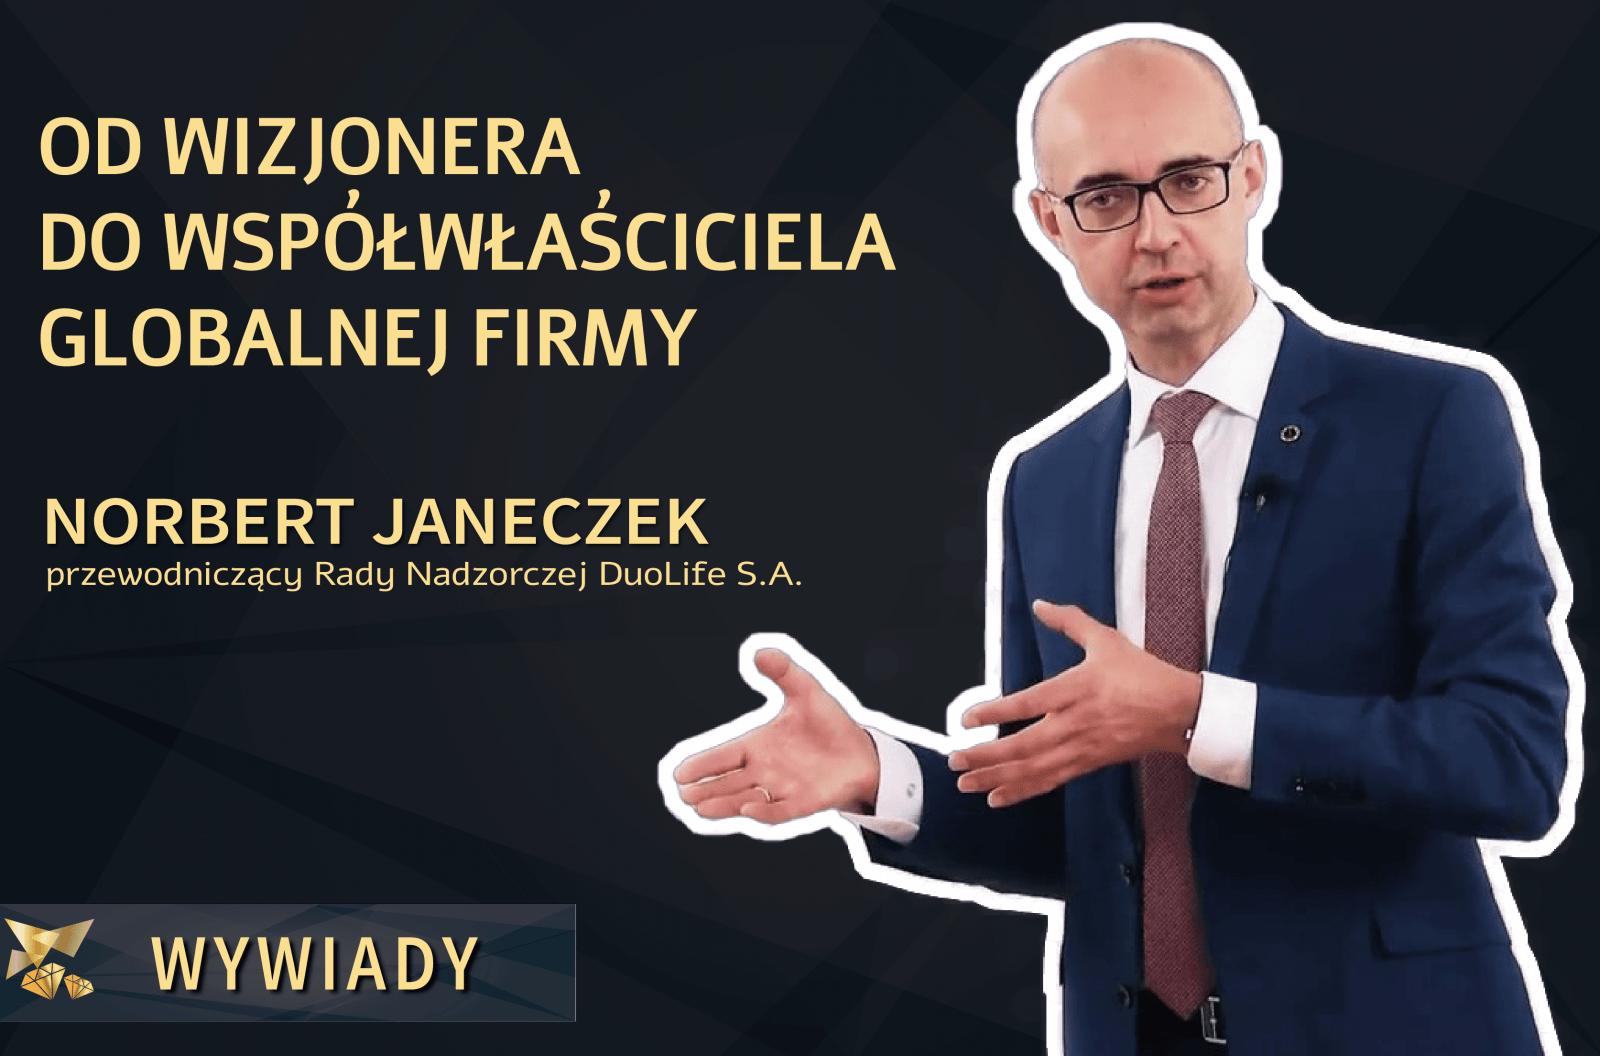 Norbert Janeczek – odwizjonera dowspółwłaściciela globalnej firmy